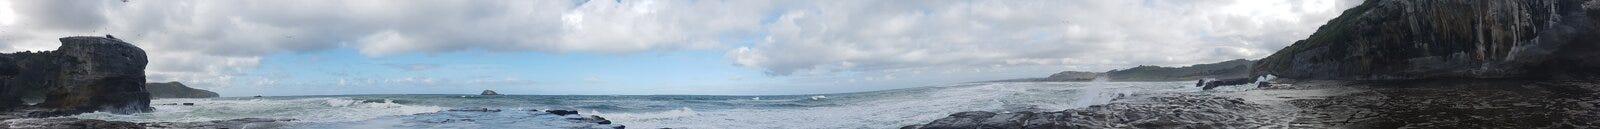 Άγρια άγρια κύματα δυτικού άσπρα πλυσίματος πανοραμικά Στοκ φωτογραφία με δικαίωμα ελεύθερης χρήσης